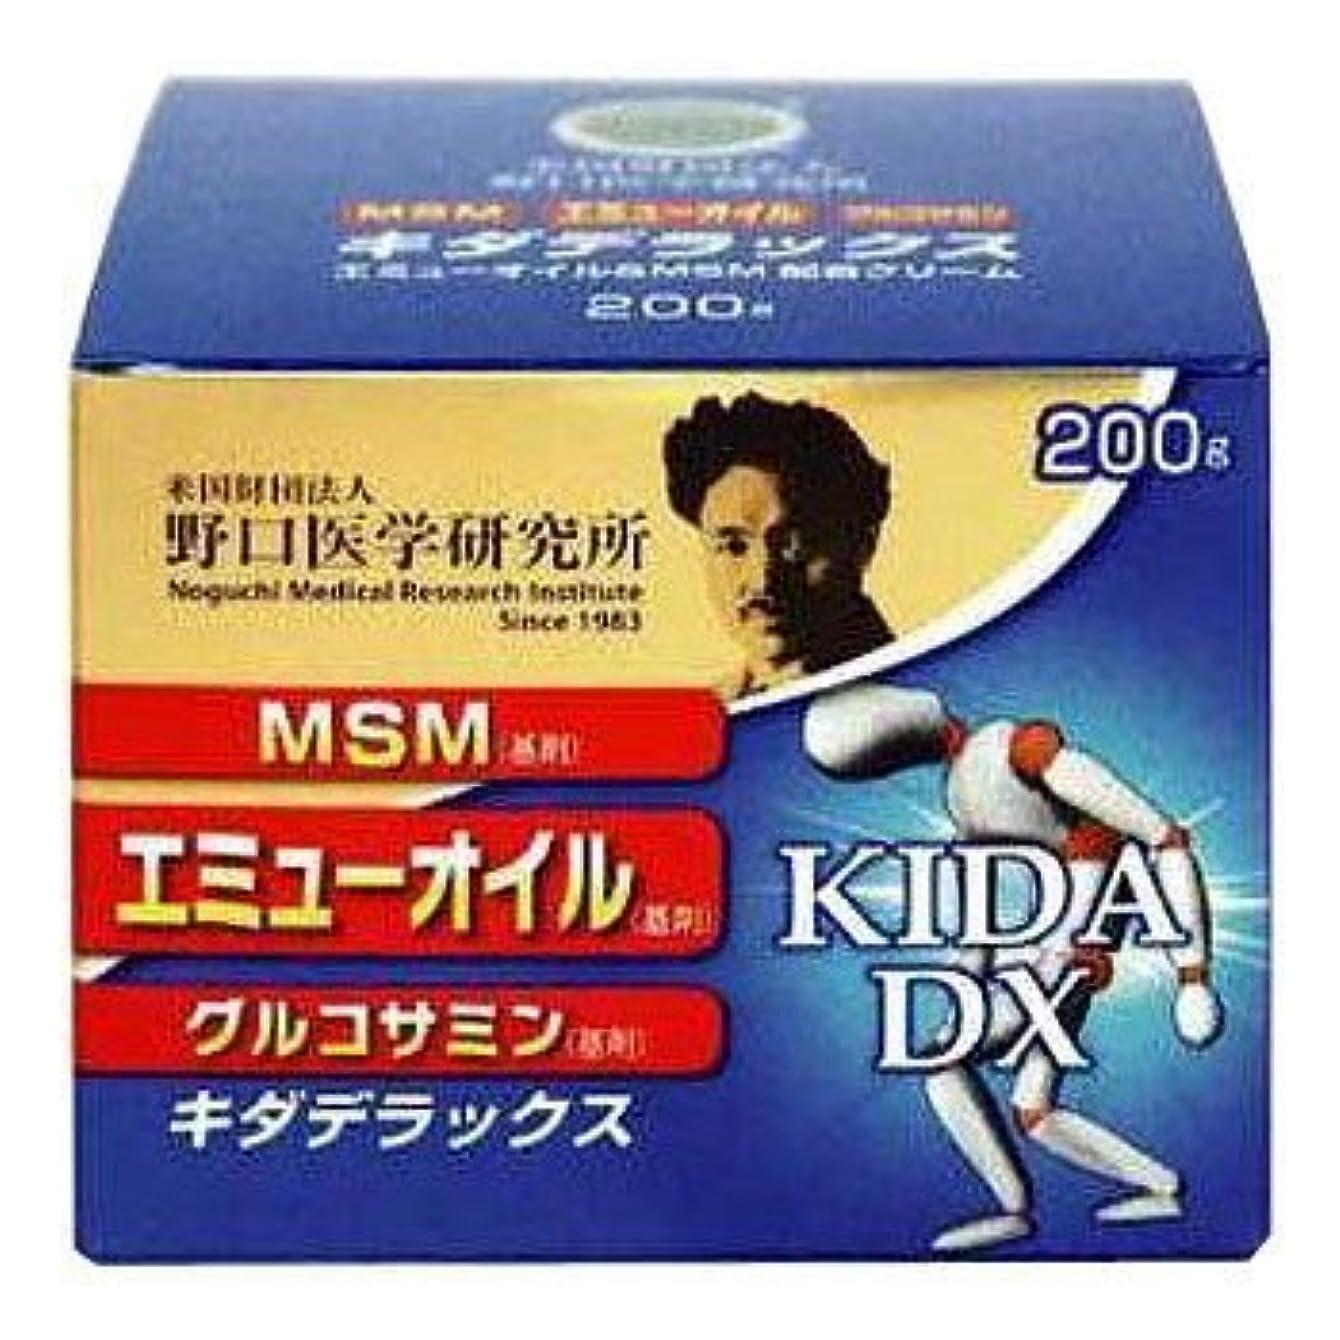 フィドル非アクティブ悲鳴塗るグルコサミン キダDX お徳用200g